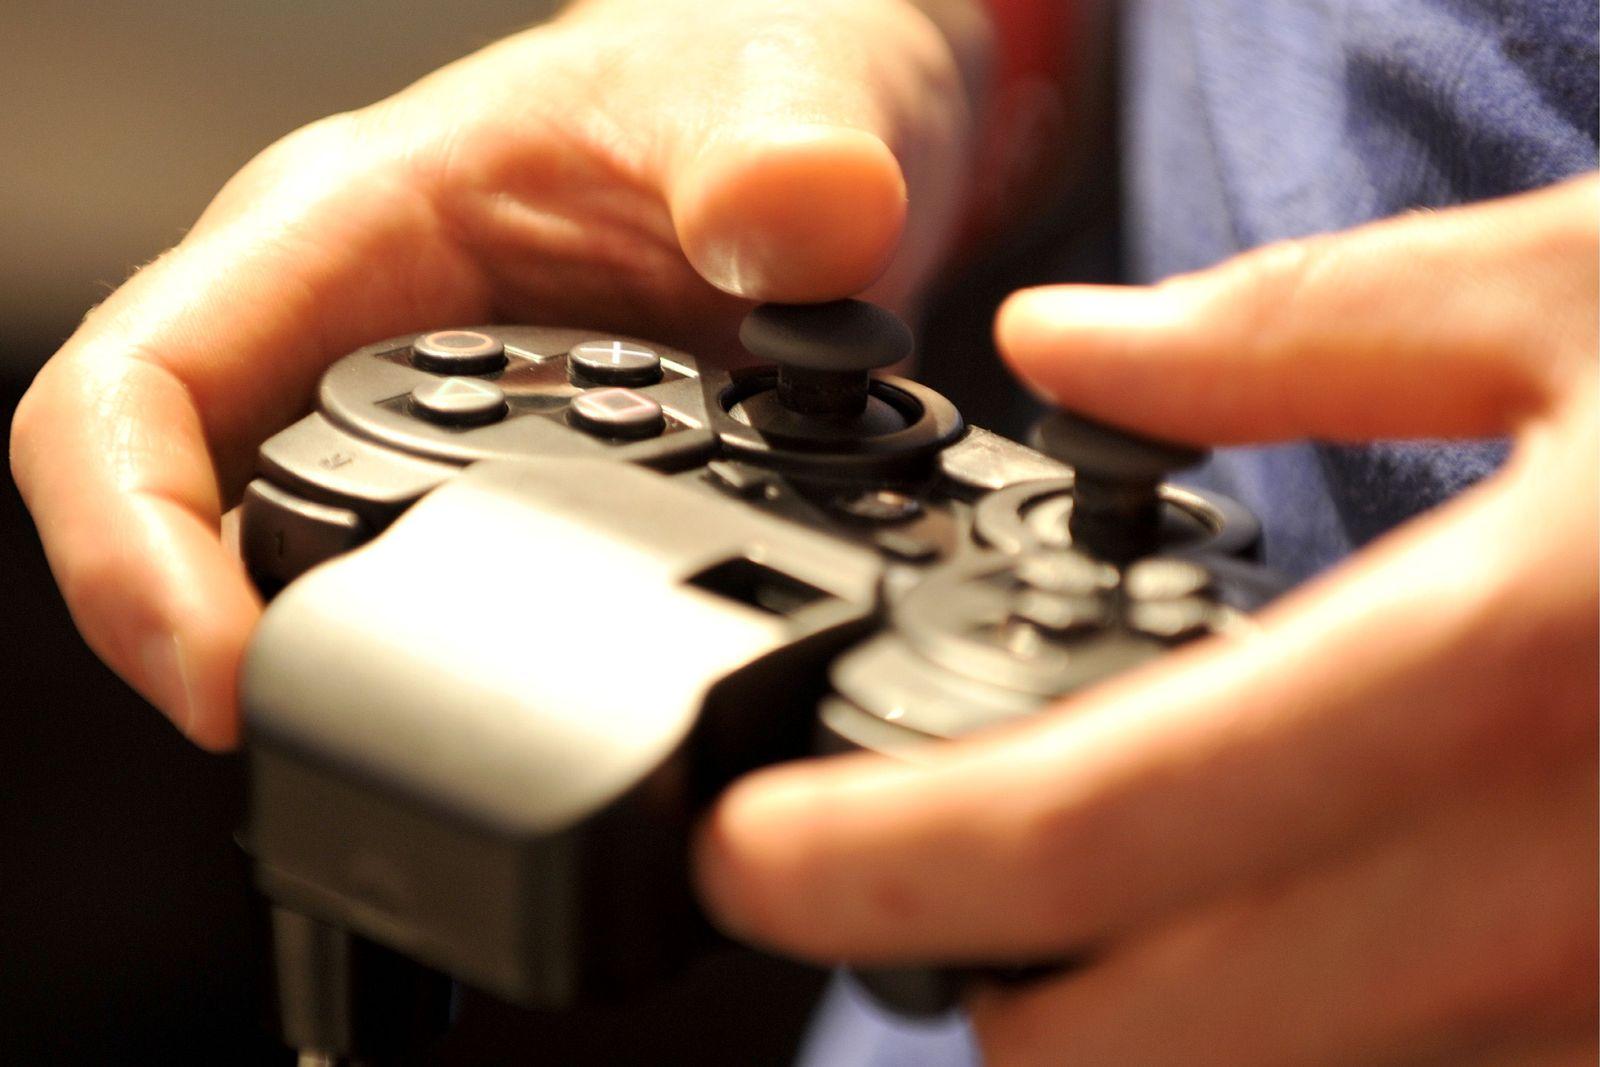 NICHT VERWENDEN Messen/Medien/Computerspiele